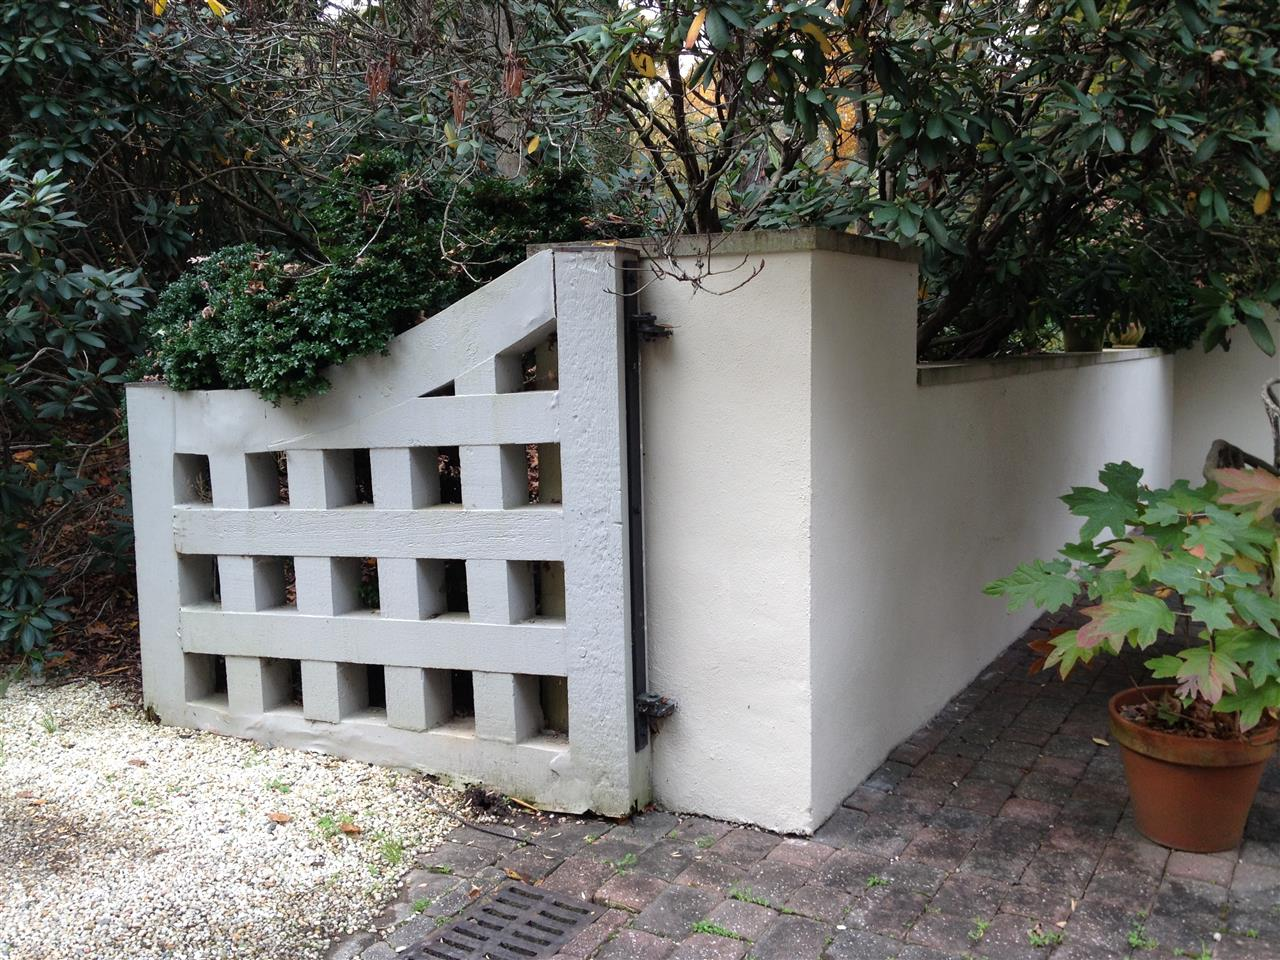 Lovely gate #wsnc #leadingrelocal #leonardrydenburrrealestate